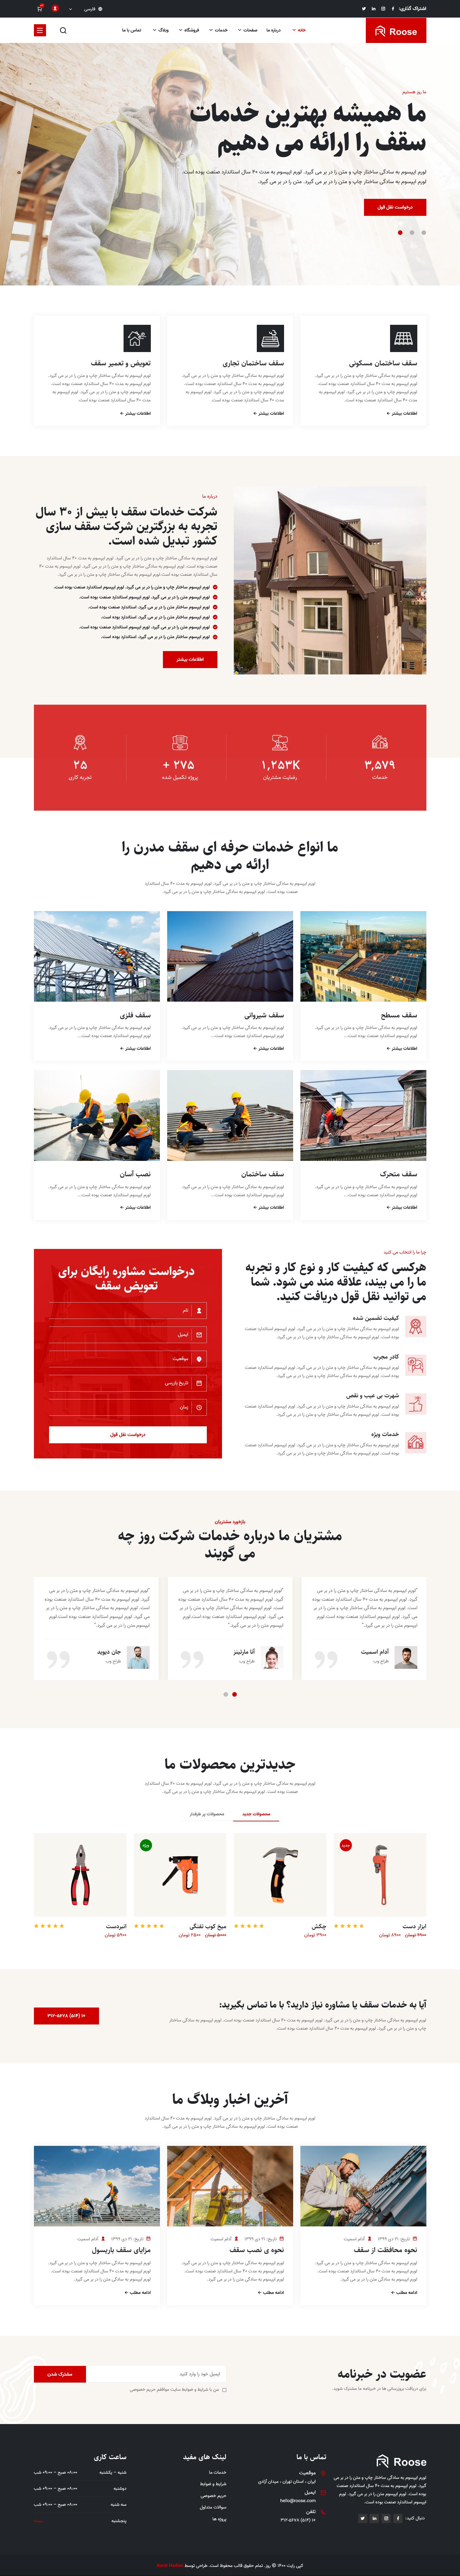 صفحات قالب HTML شرکتی روز